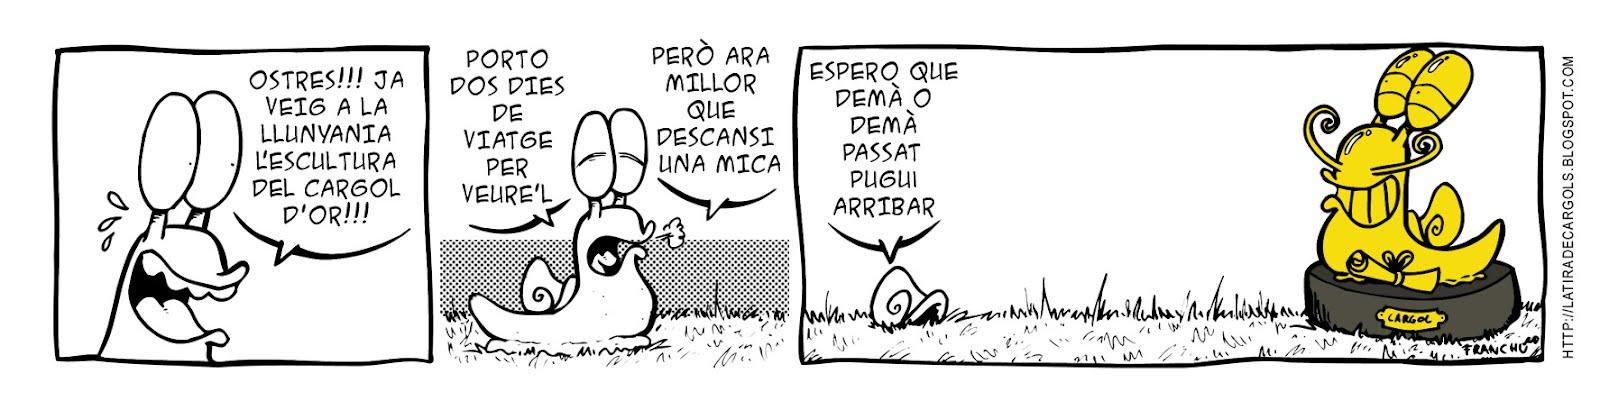 Tira comica 128 del webcomic Cargols del dibuixant Franchu de Barcelona